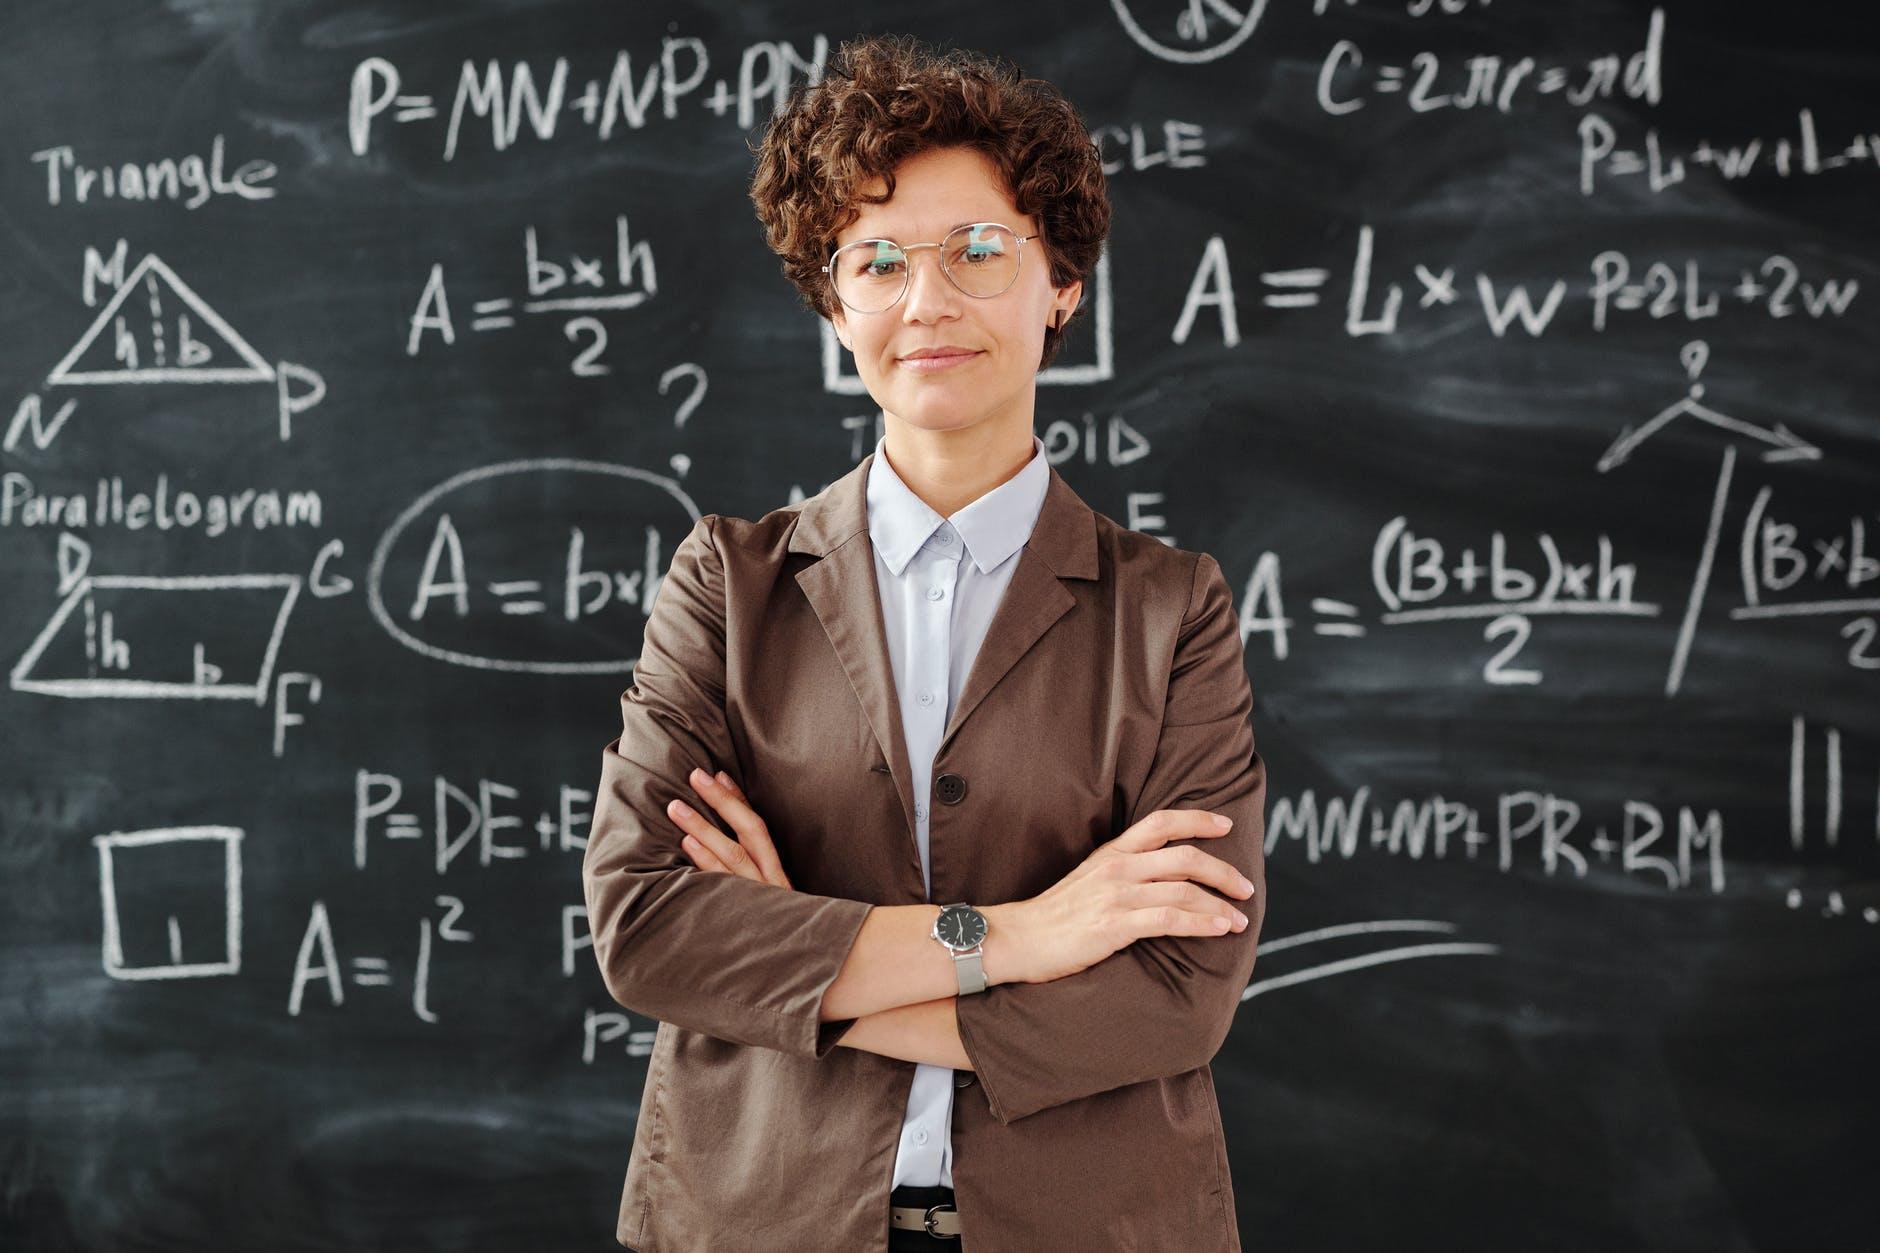 professor standing